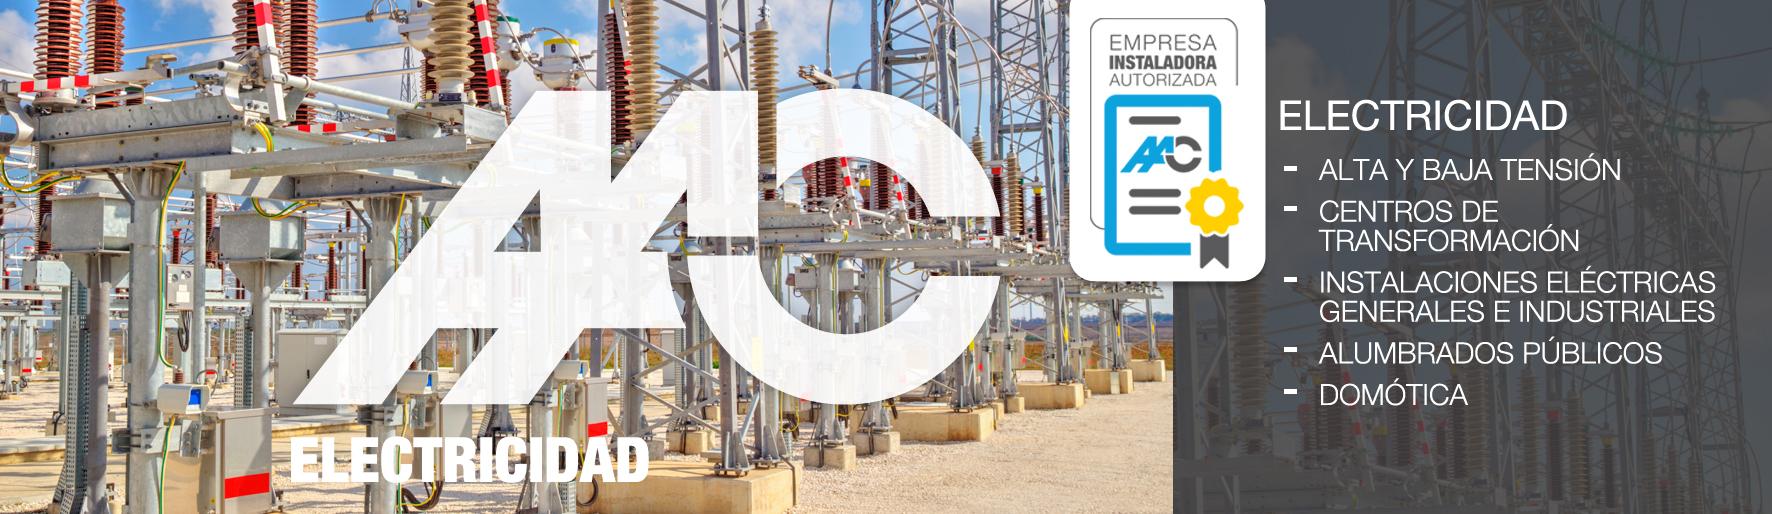 Almeida instalaciones y contrucción-ELECTRICIDAD